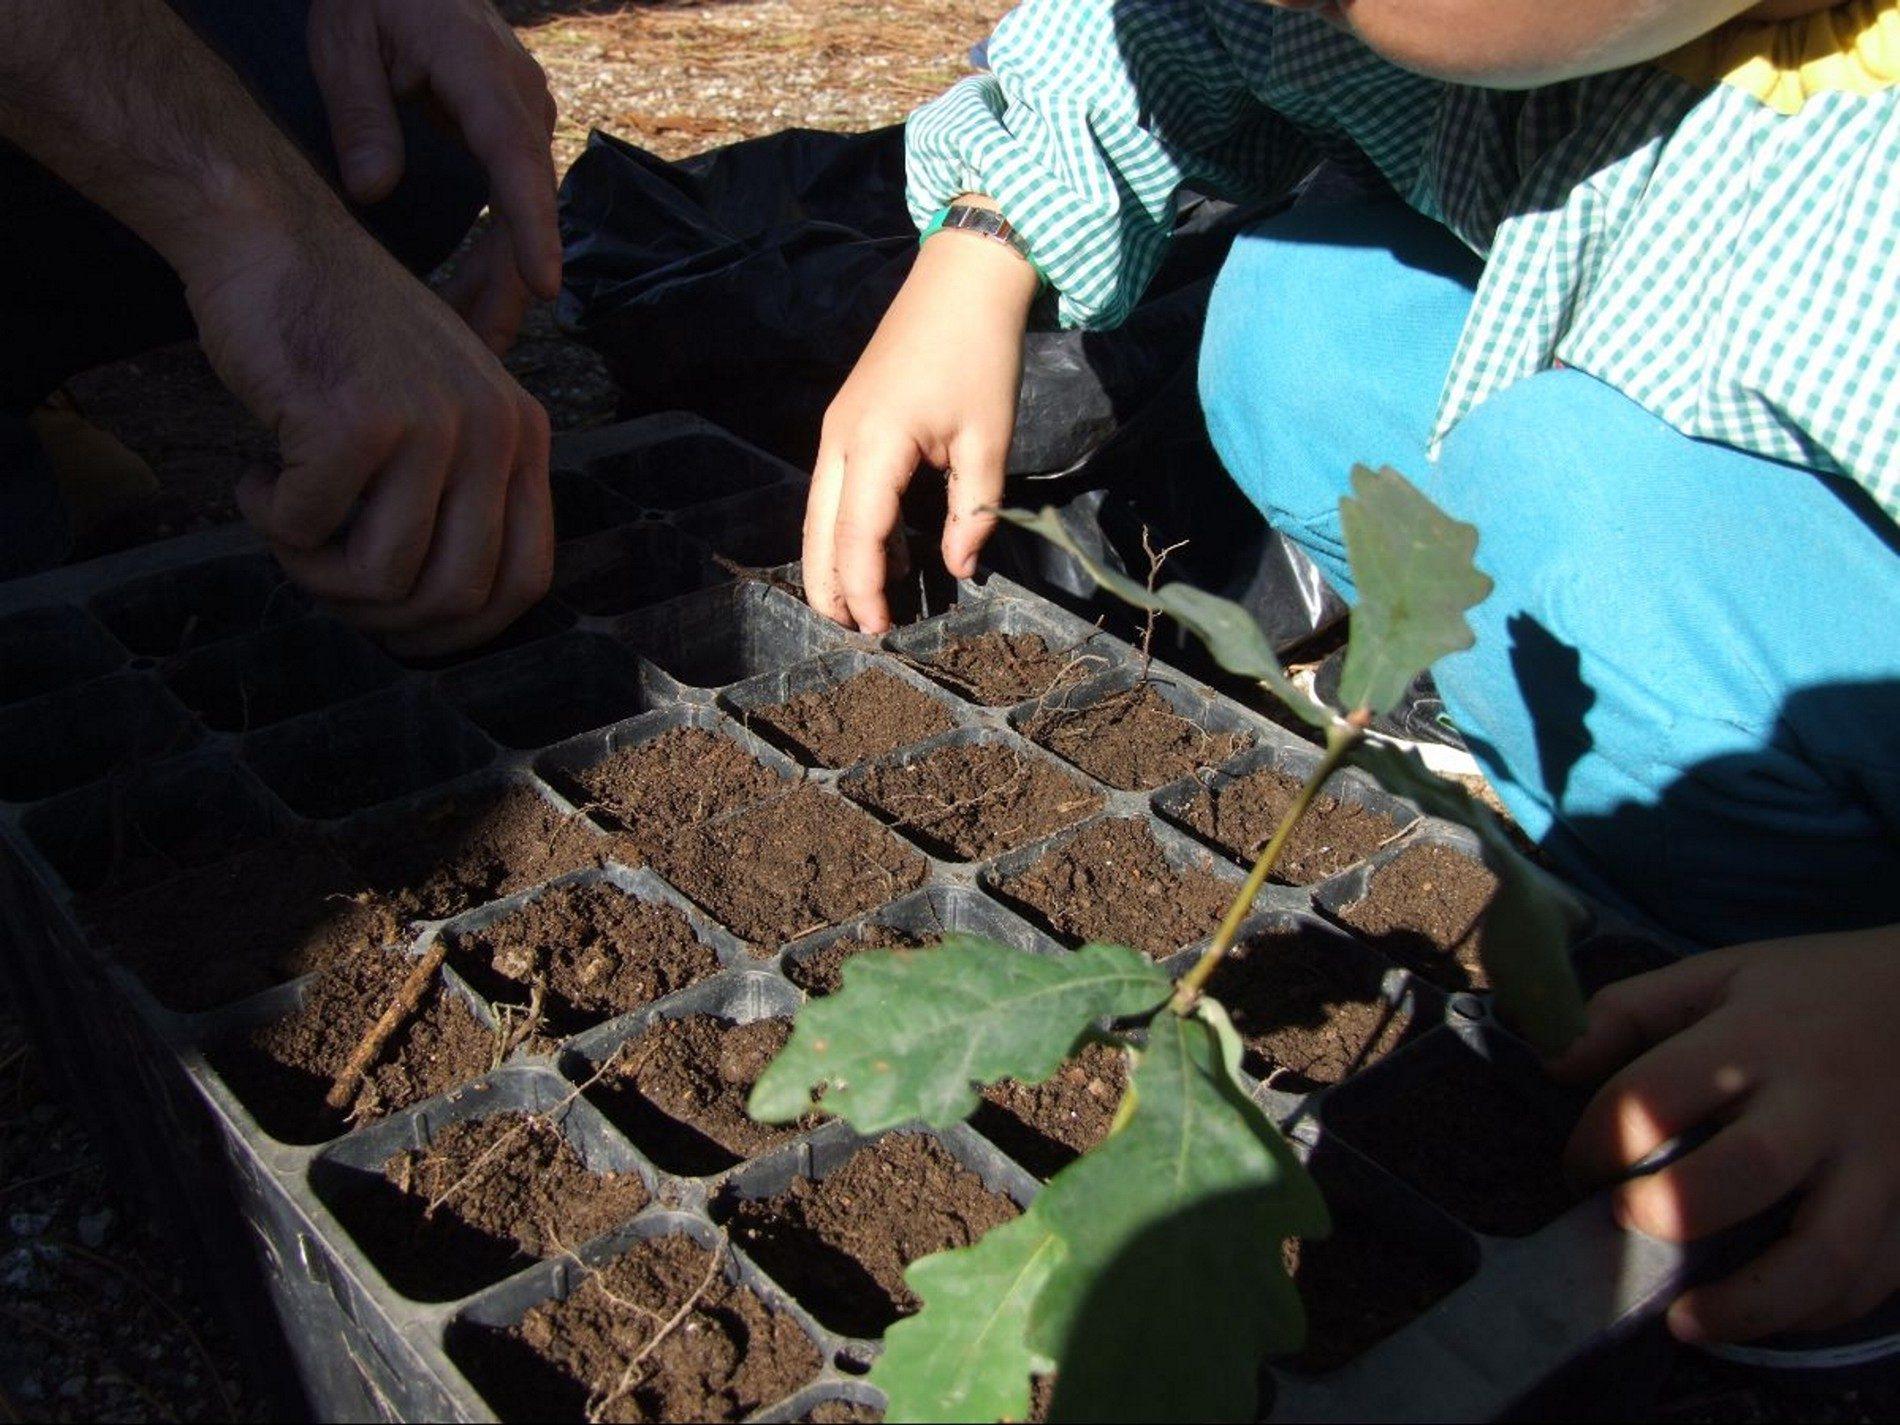 Projeto Reflorestar: Oliveira do Hospital já distribuiu 84 mil árvores à população